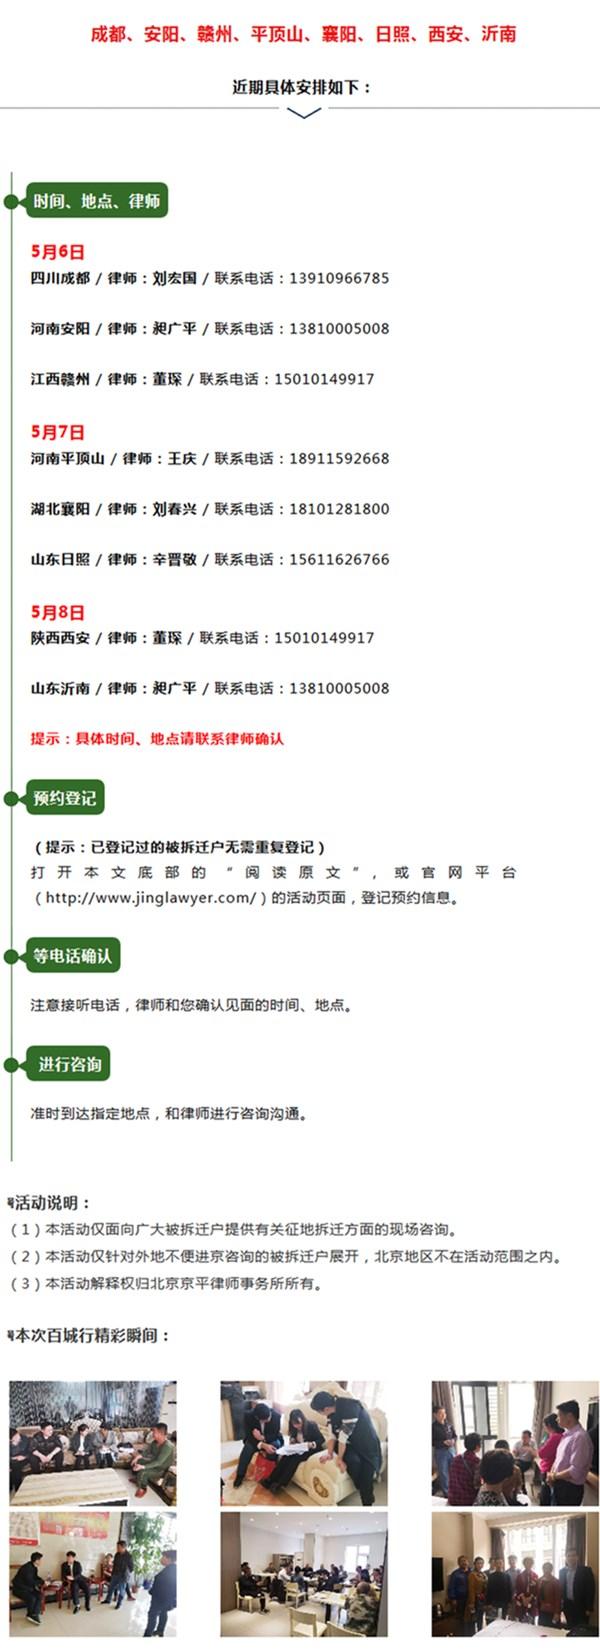 5.6日-5.8日京平律师百城行八站同时开启预约!